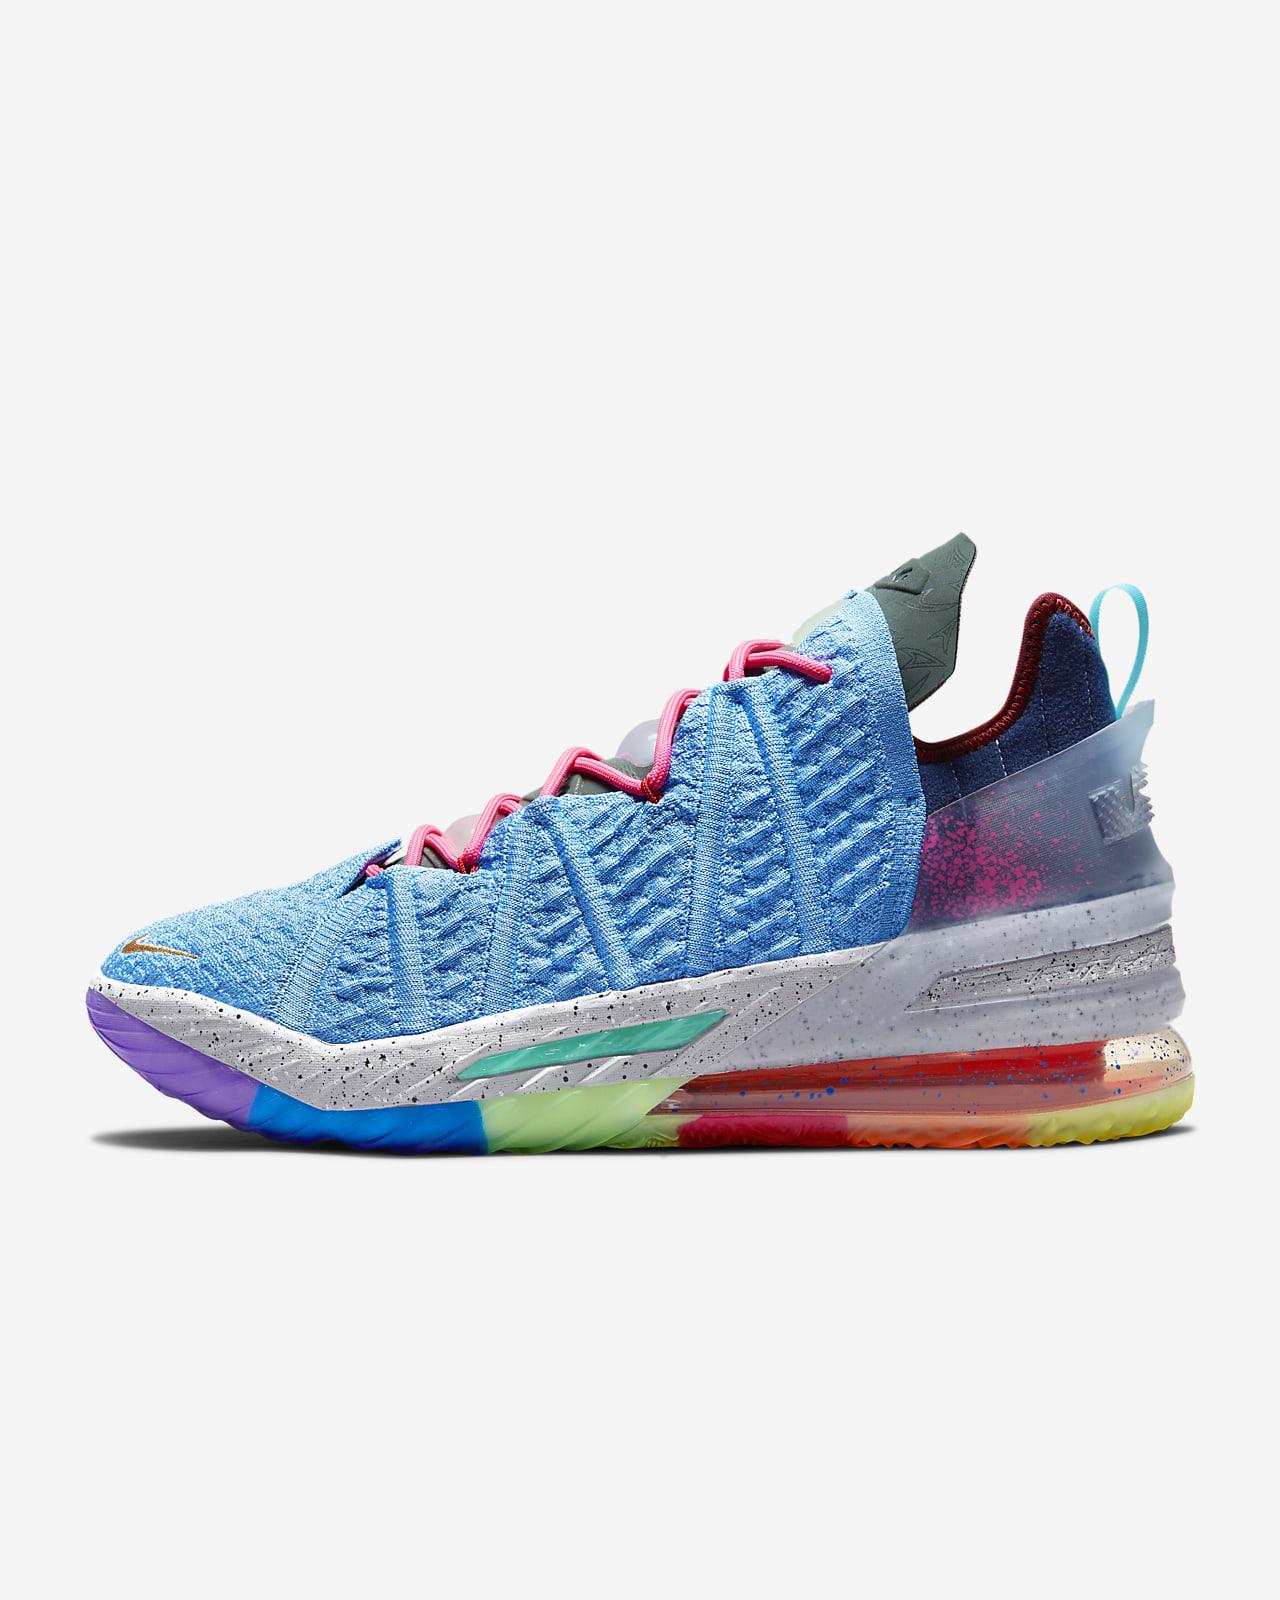 Chaussure de basketball LeBron 18 « Best 1-9 »